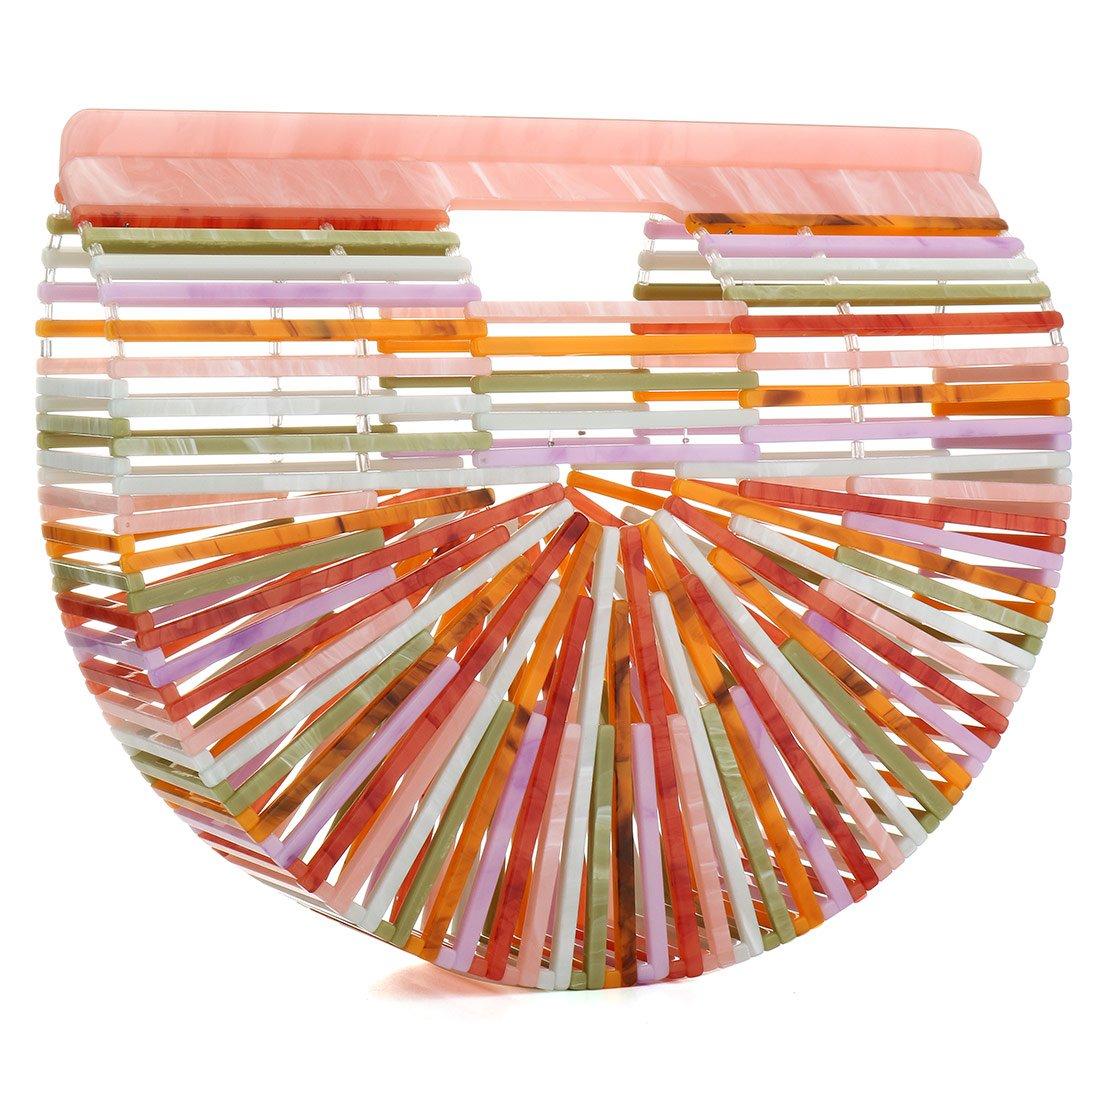 Womens Rainbow Acrylic Handbag Handmade Ark Clutch Purse Tote Beach Bag for Woman